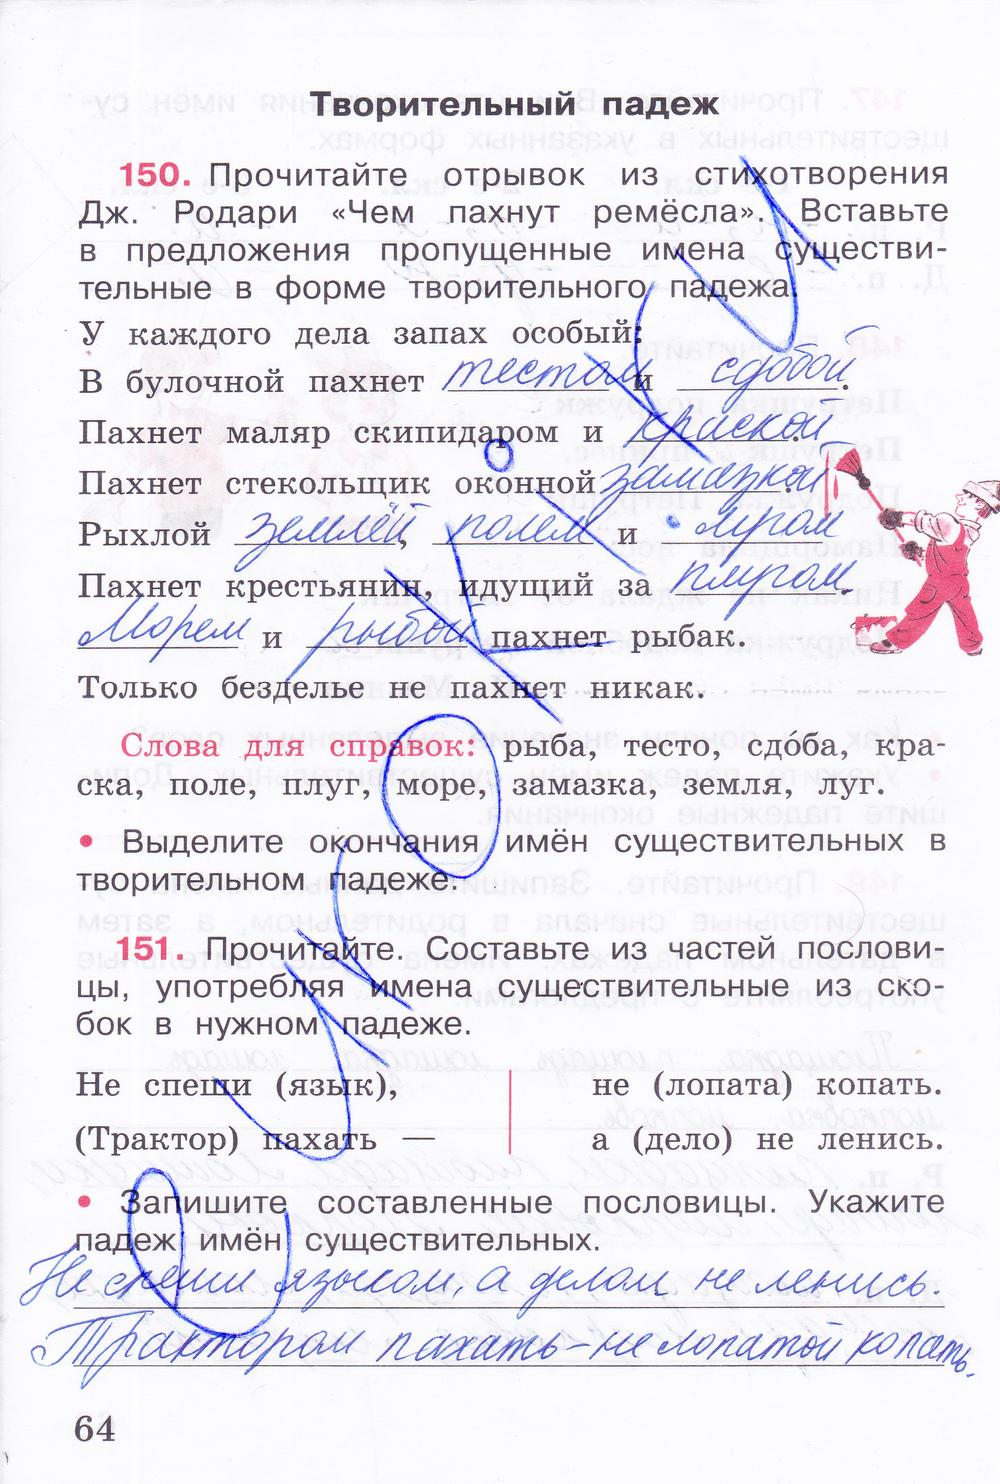 друга русский язык гдз 4 класс ответы внимание оттенки модных